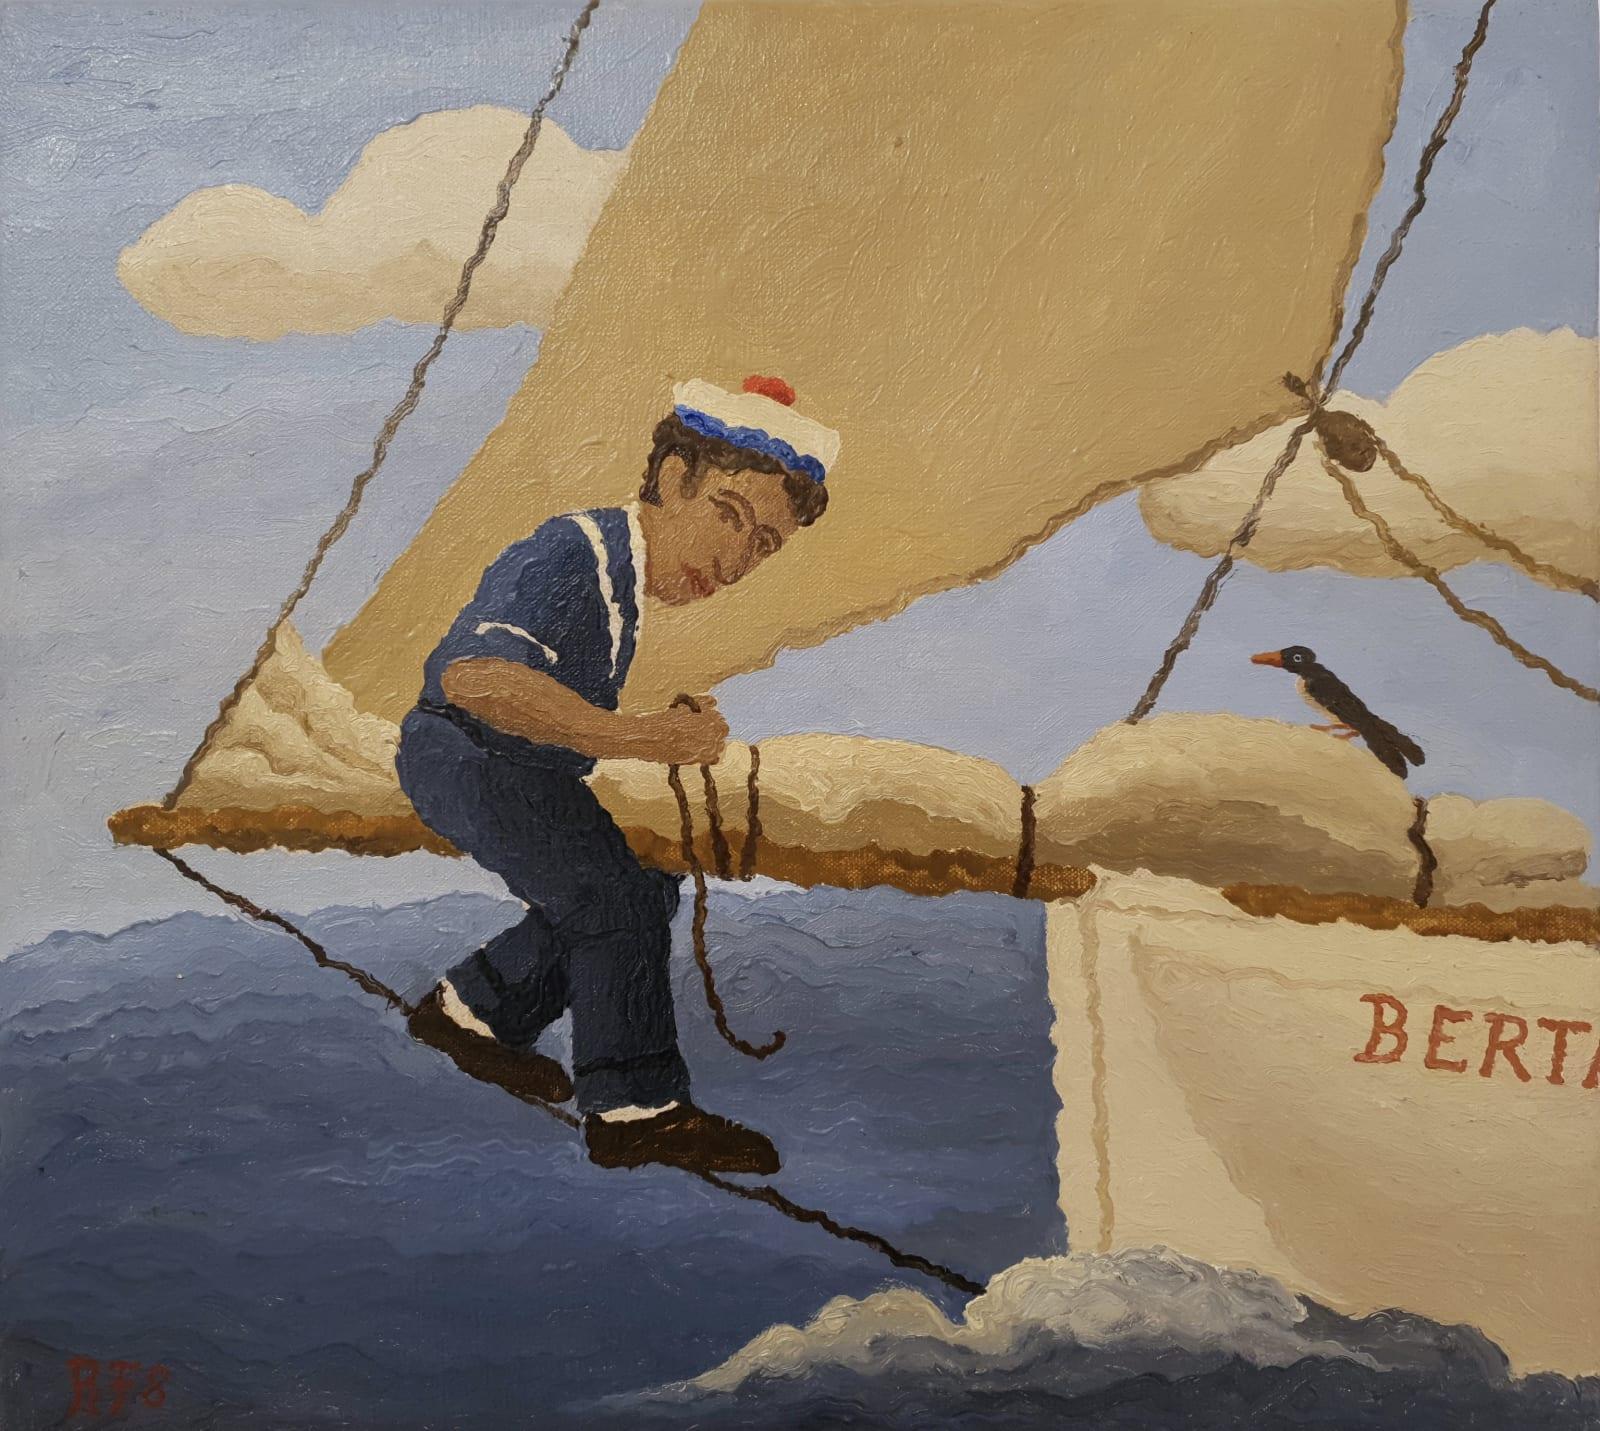 Ramiro Fernandez Saus, A Sailor's Diary II, 2003